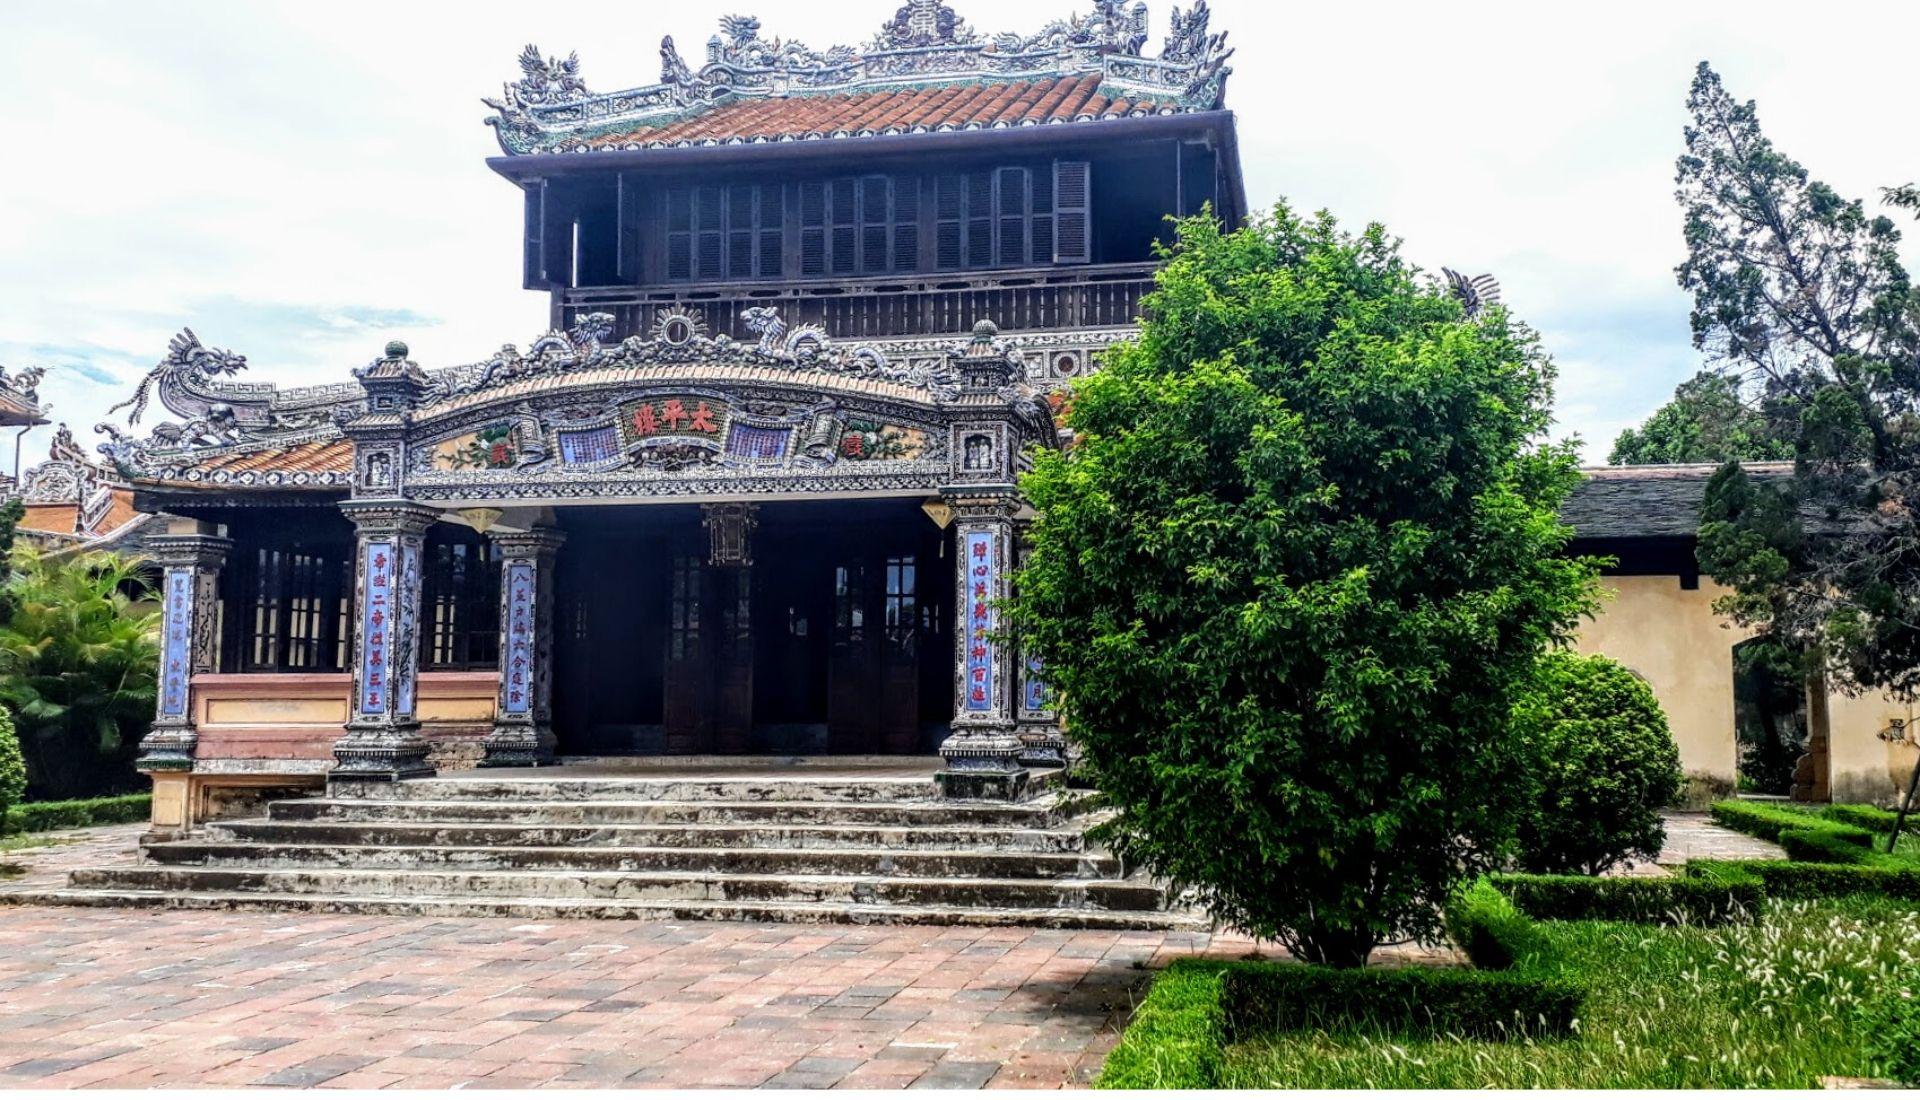 Thai Binh Pavilion